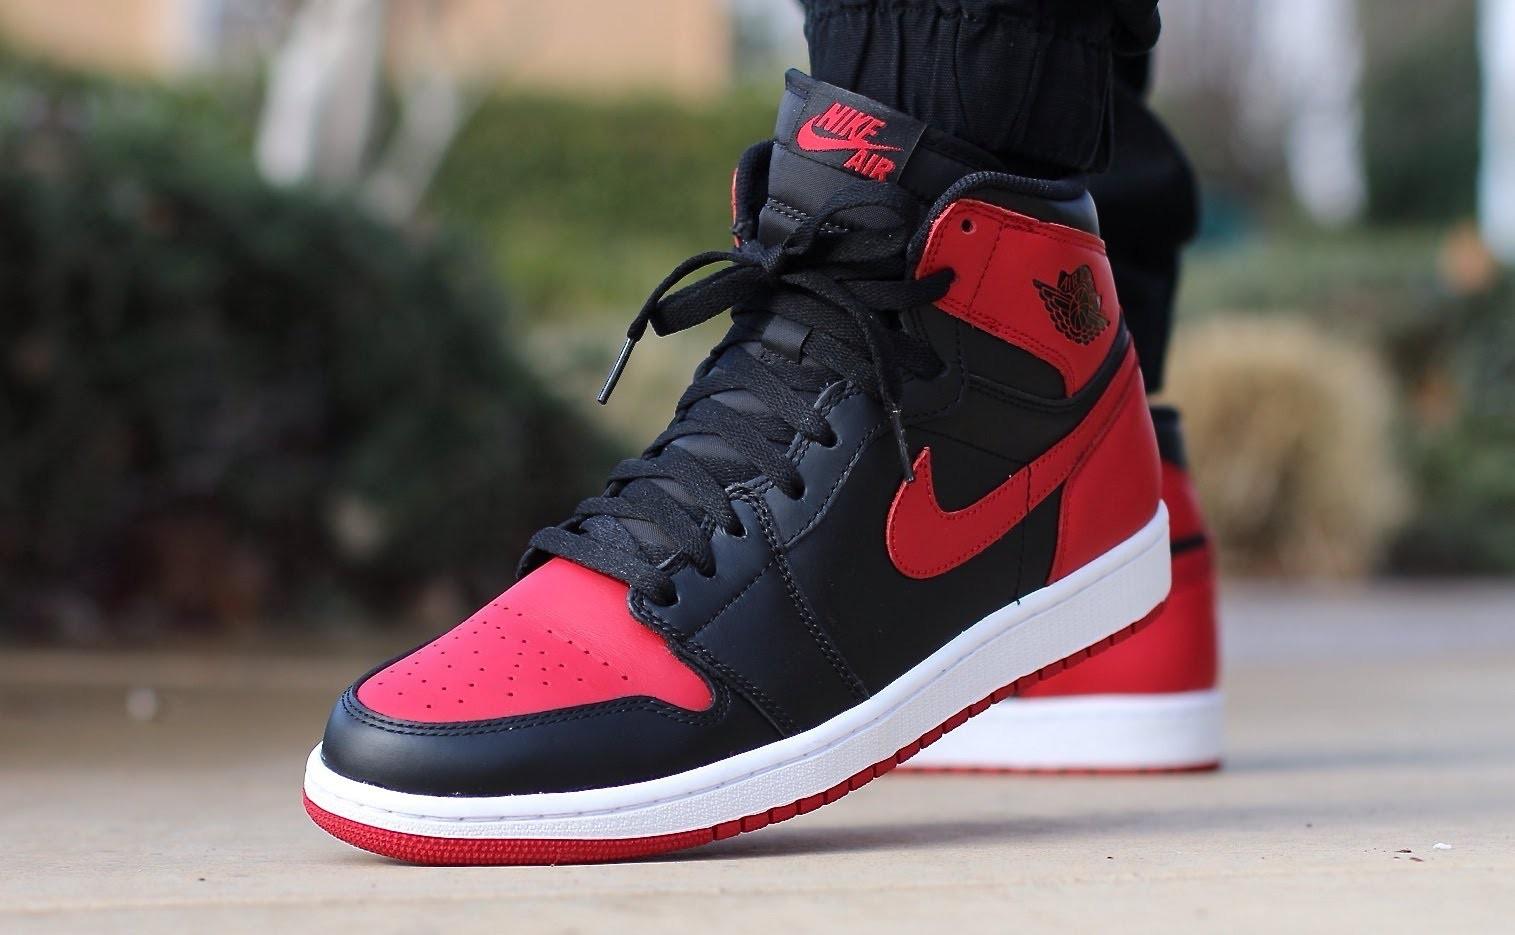 3036dd7a2be70c Nike Jordan 1 là viên gạch đầu tiên làm nền cuộc cách mạng giày bóng rổ. Sự  khác biệt phá cách hay gọi là nổi loạn của màu sắc cùng sự thành ...